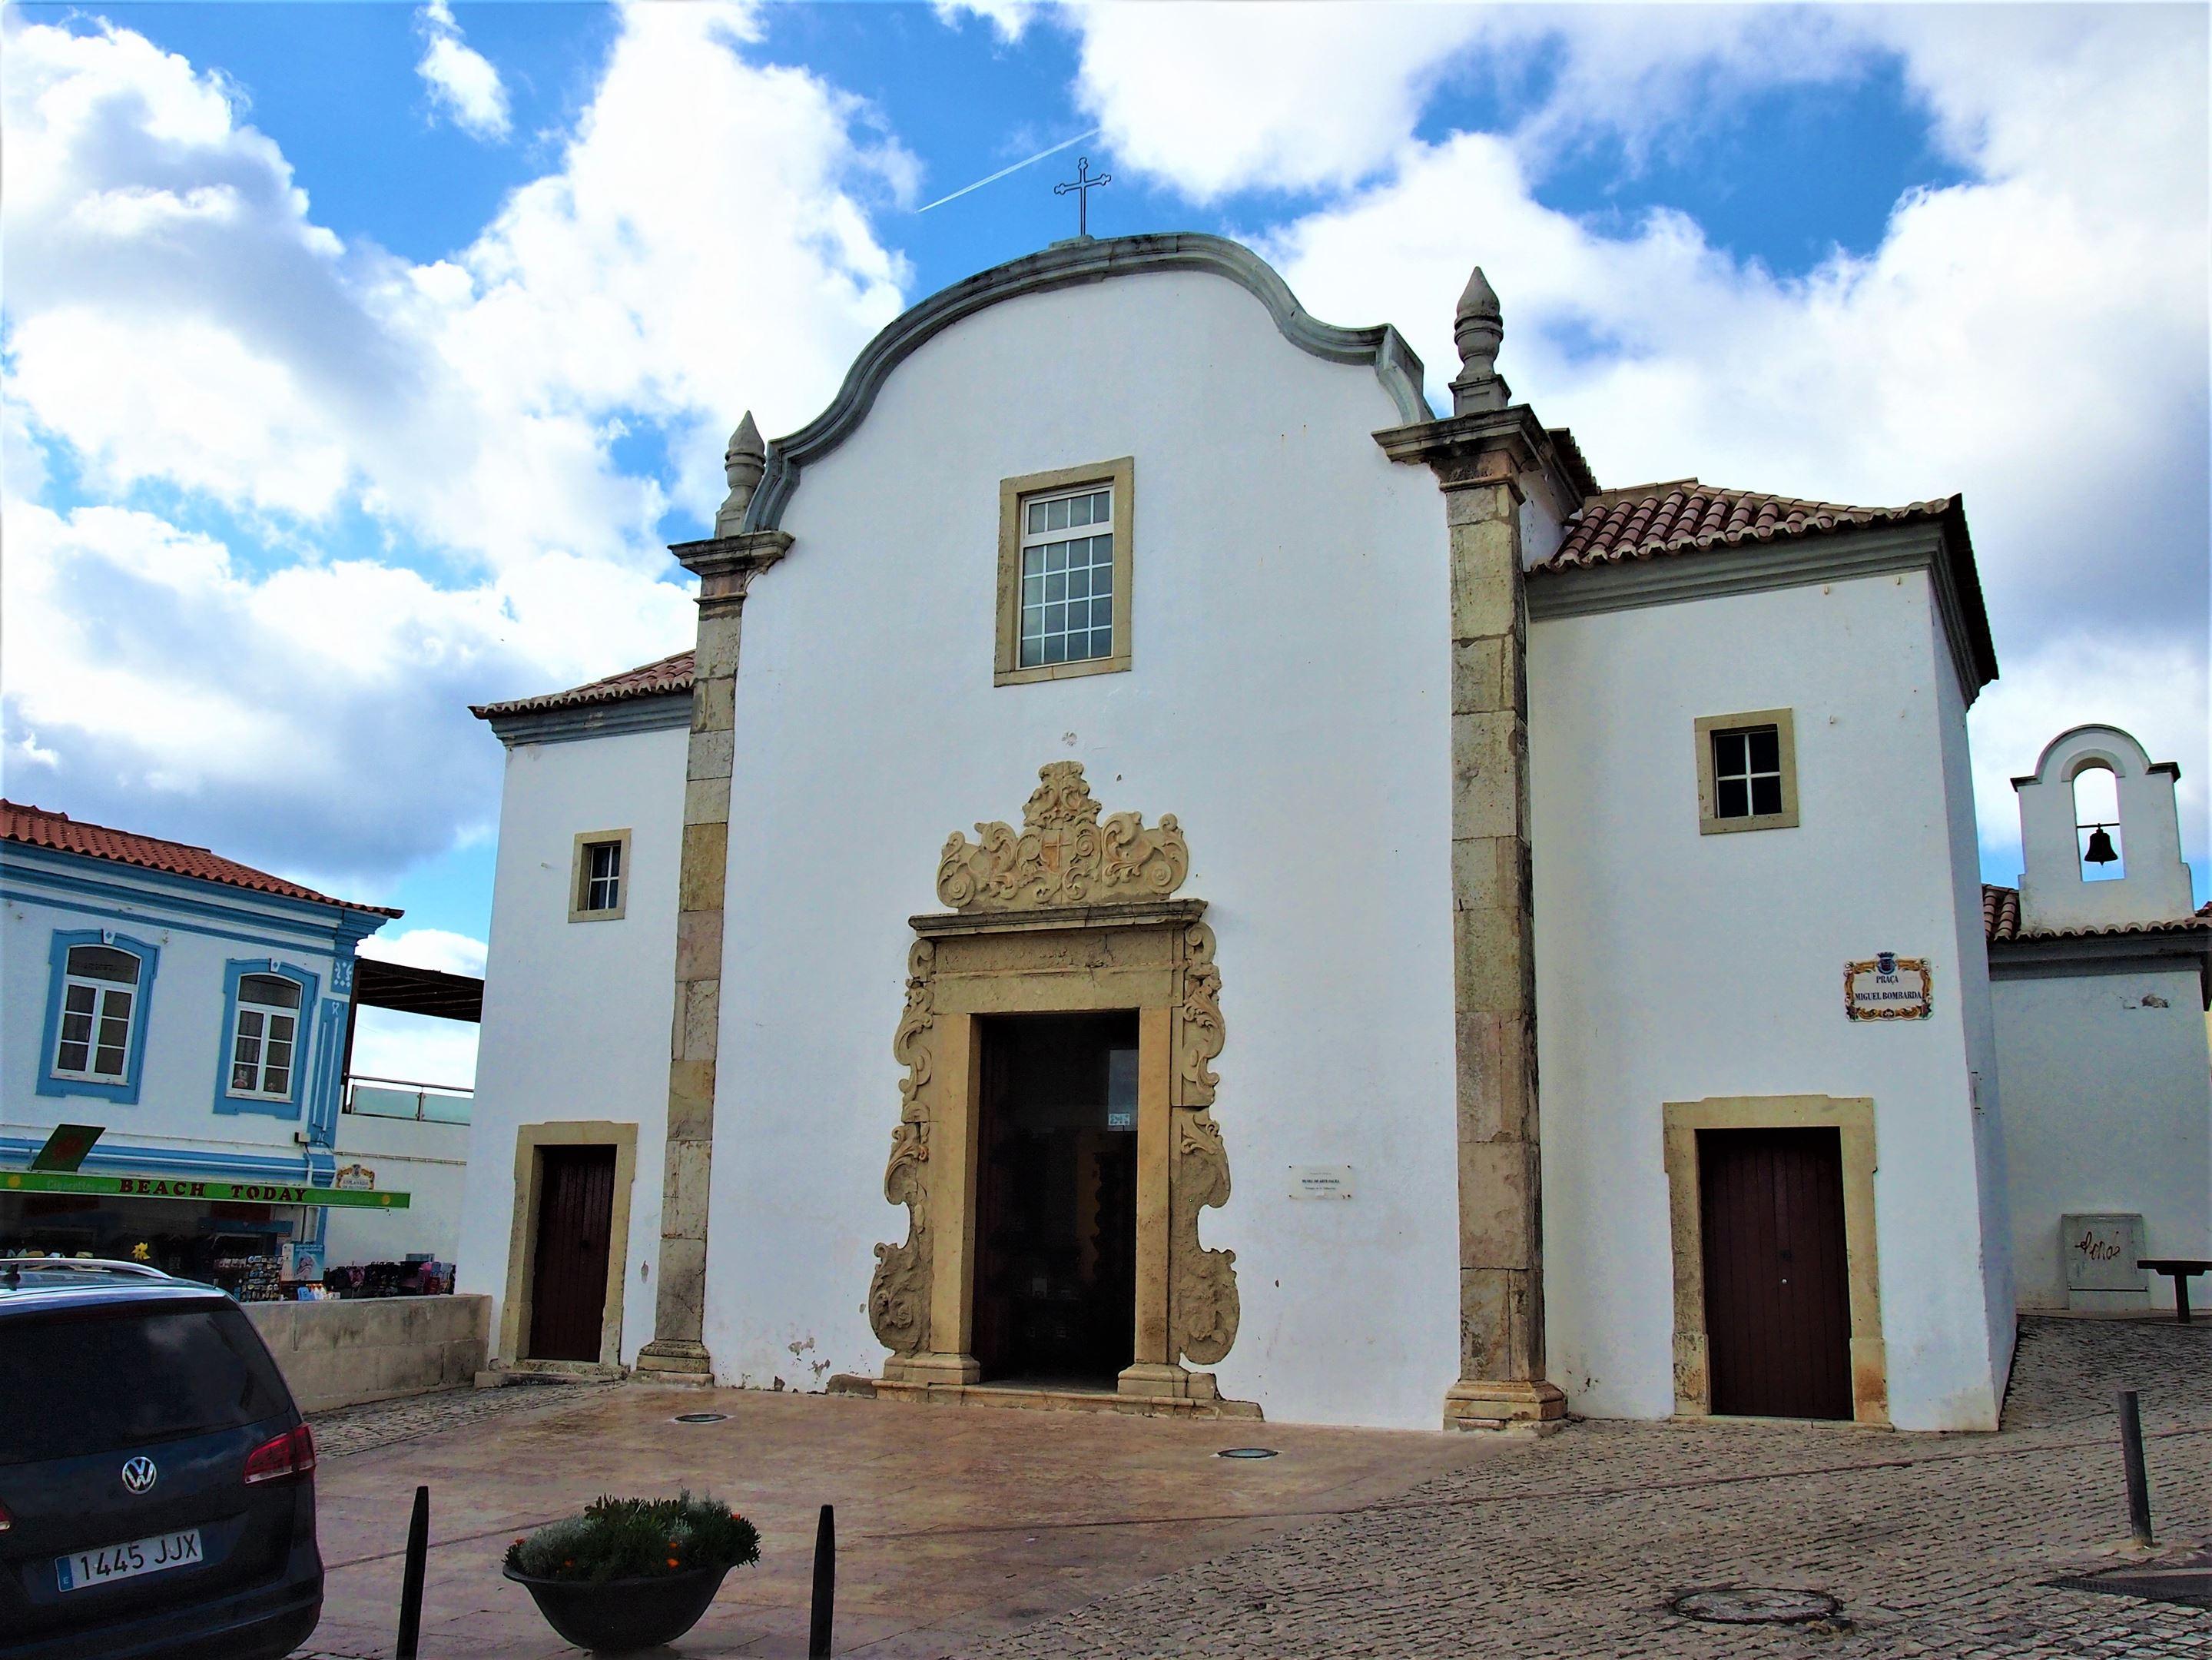 The Igreja de São Sebastião, Albufeira